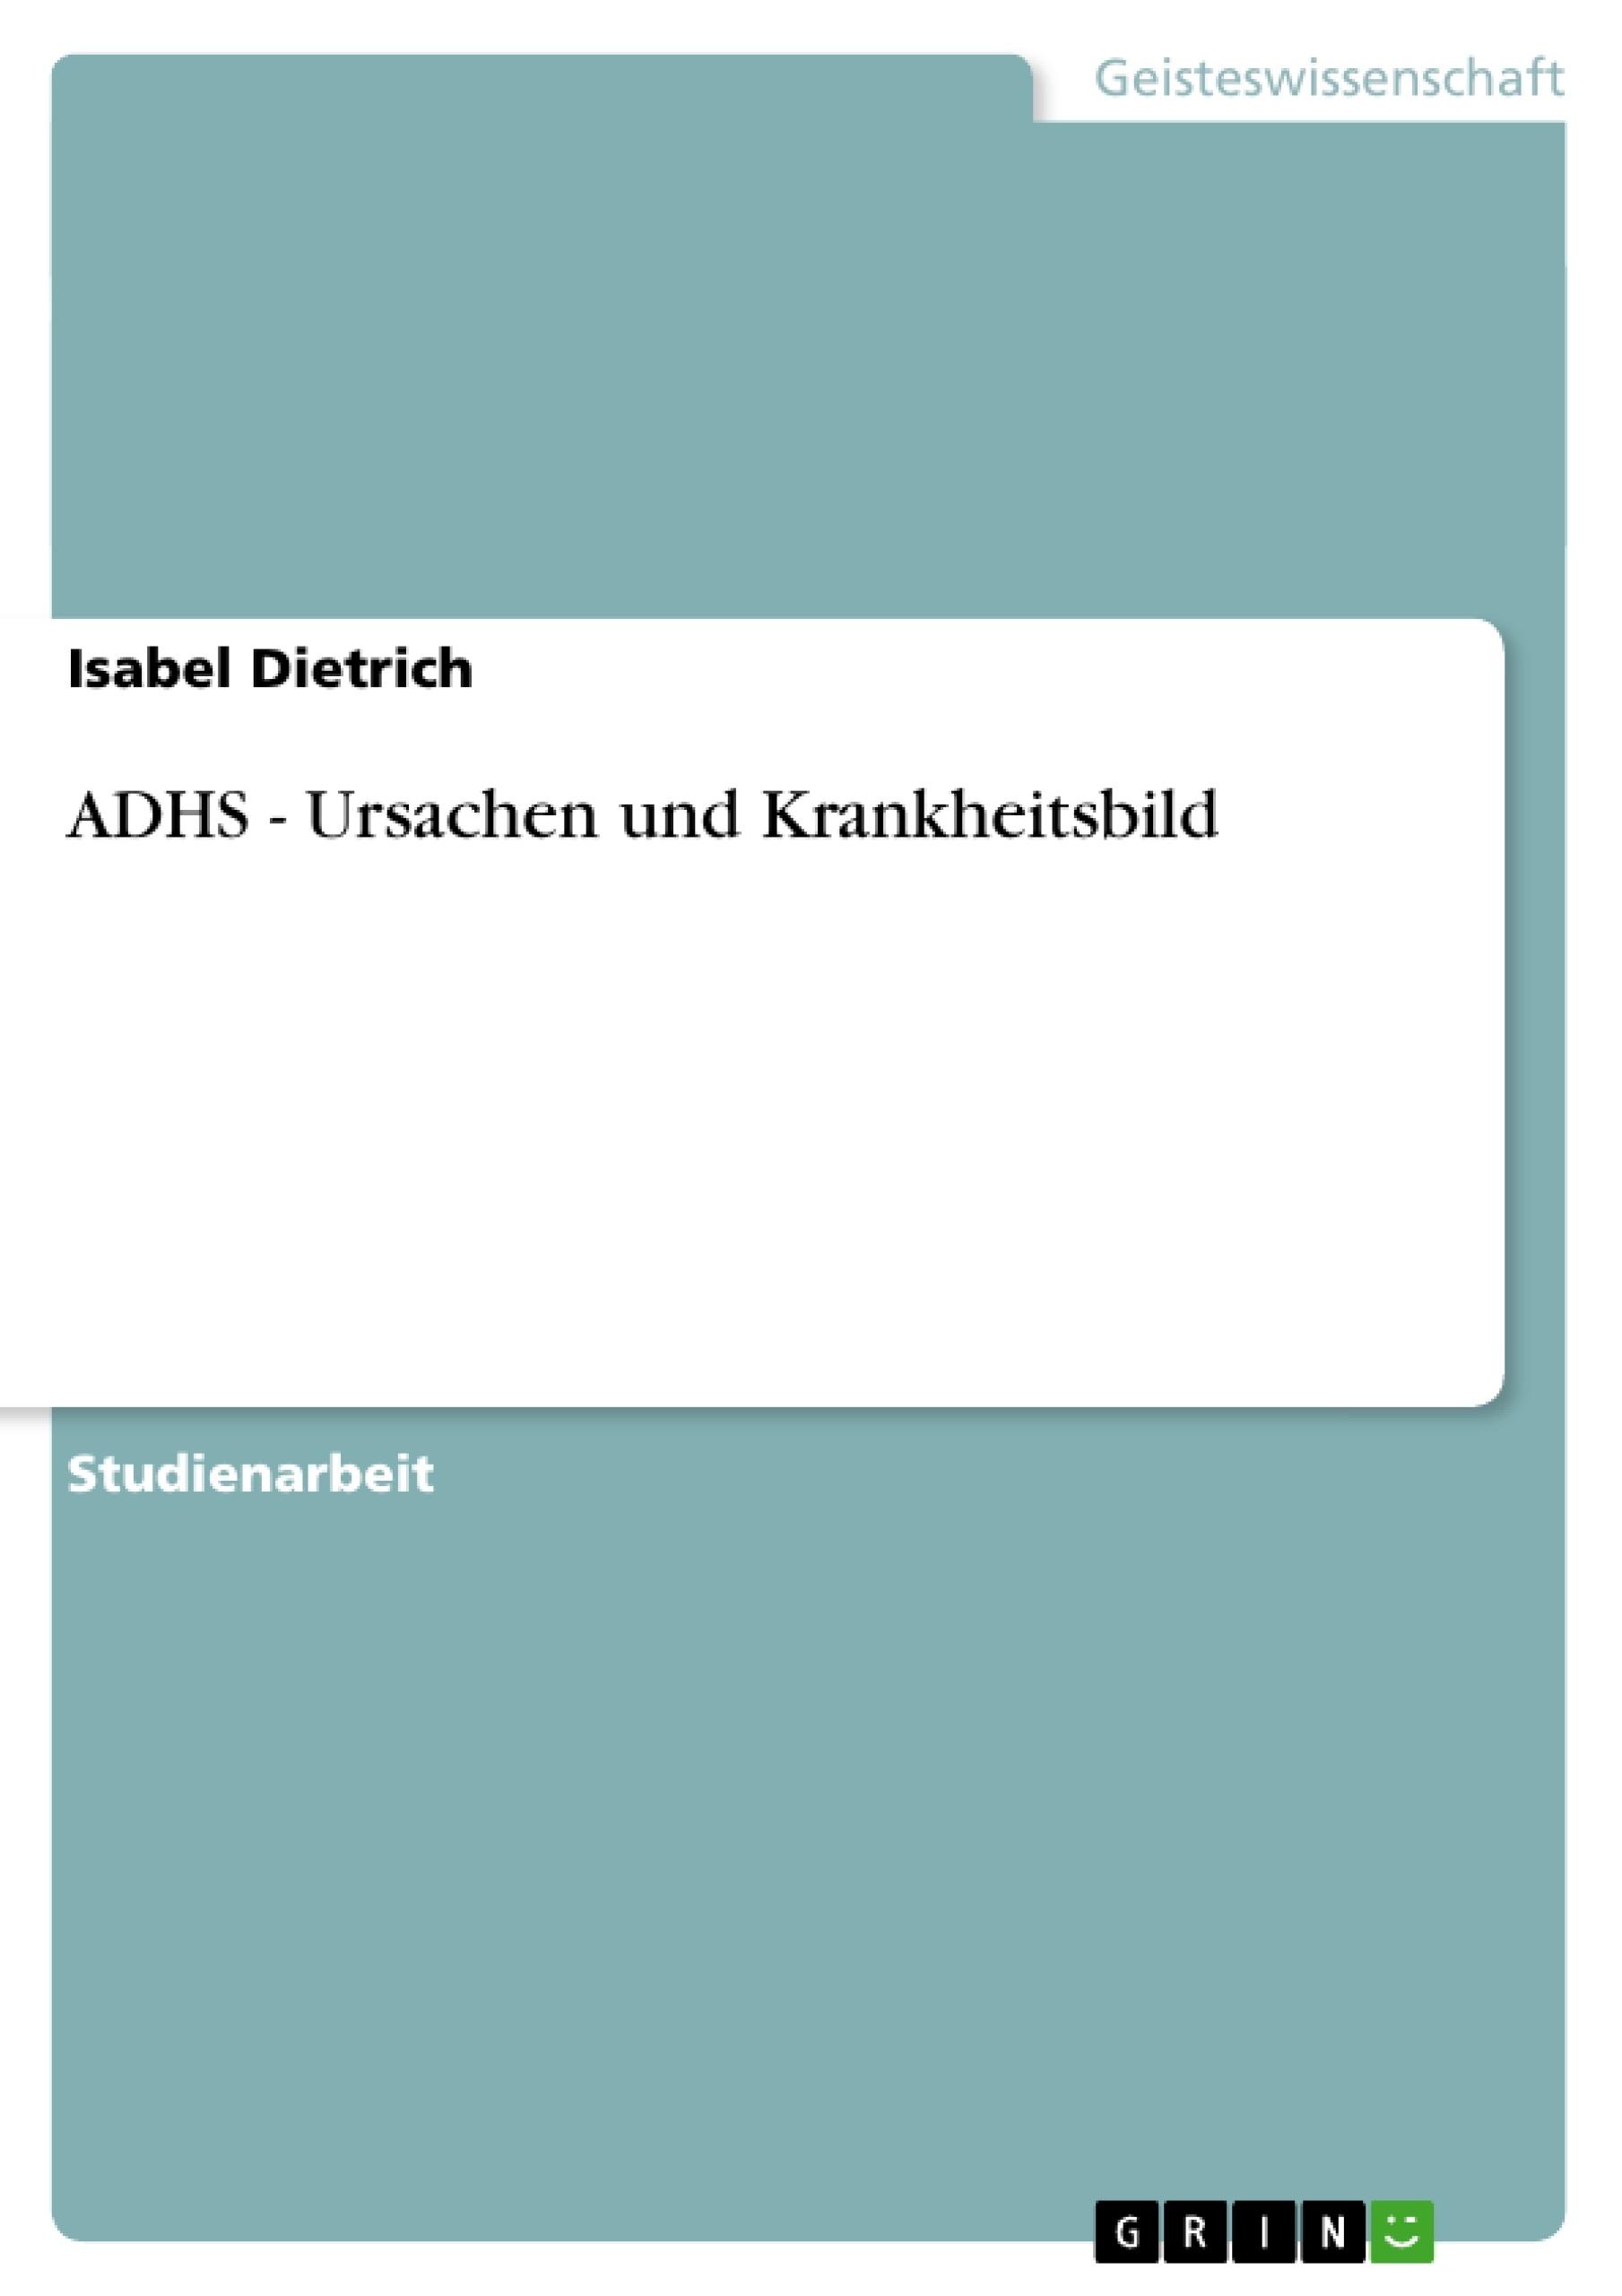 Titel: ADHS - Ursachen und Krankheitsbild